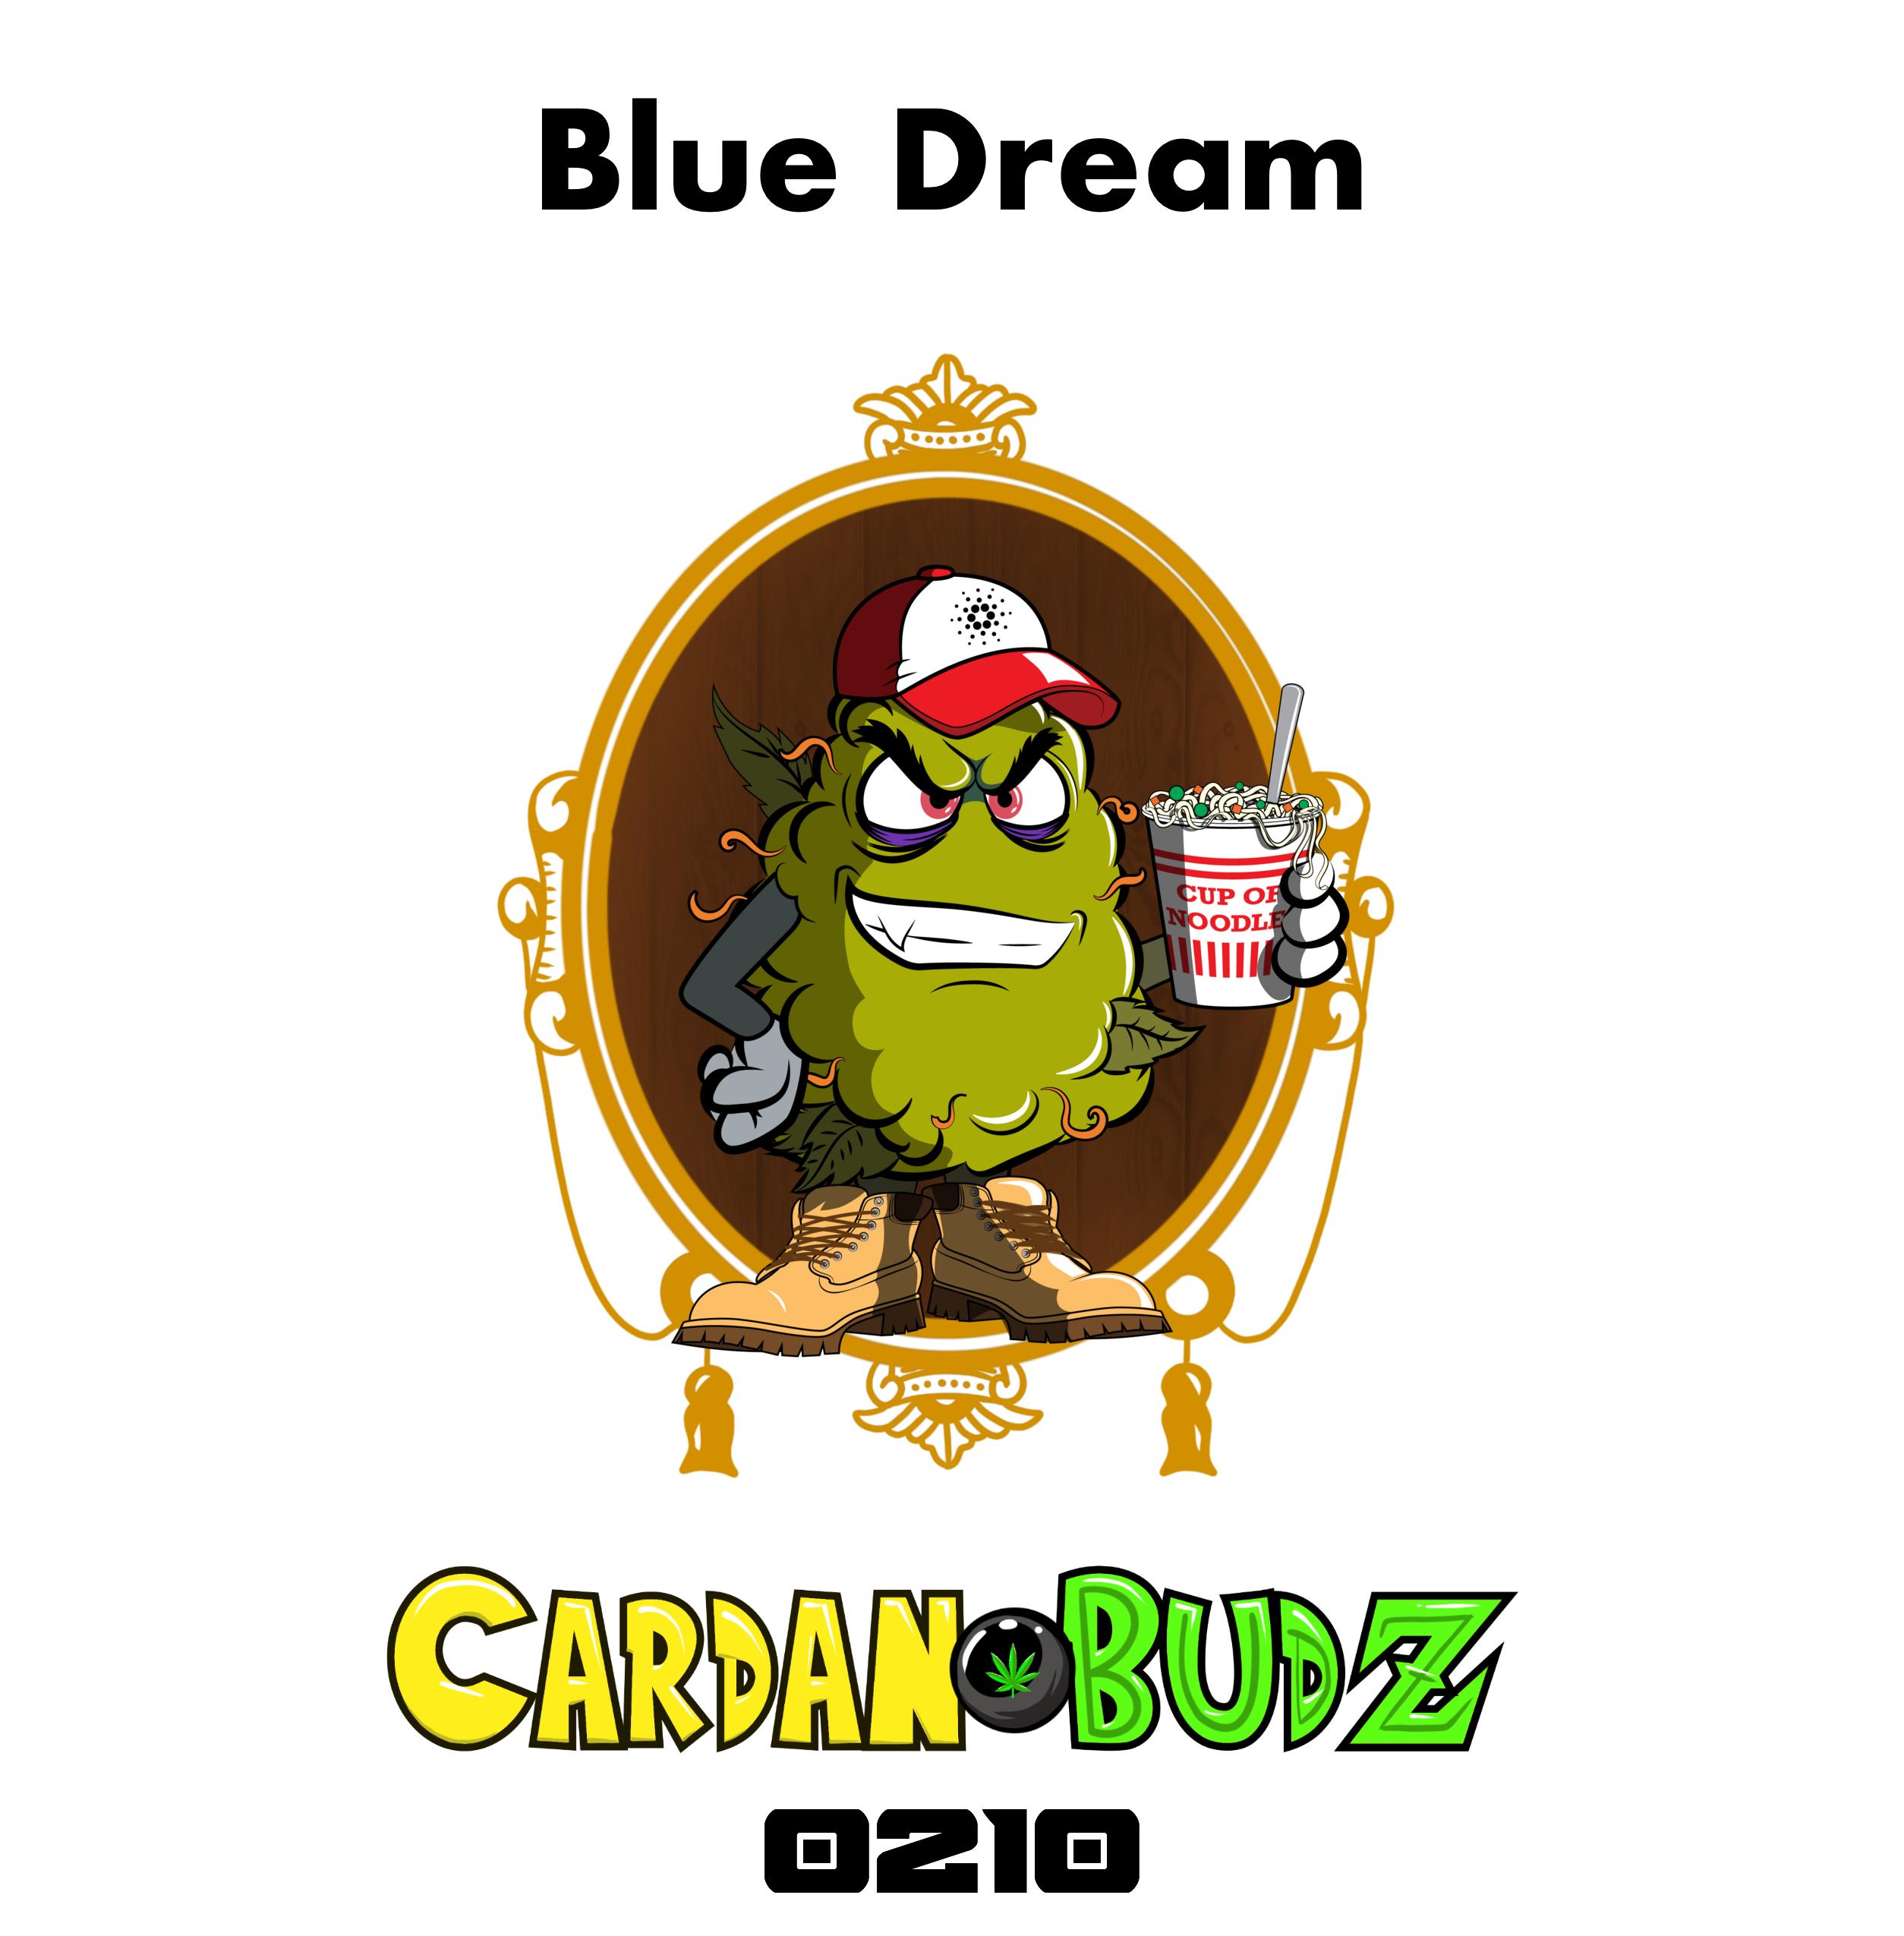 CardanoBud #210